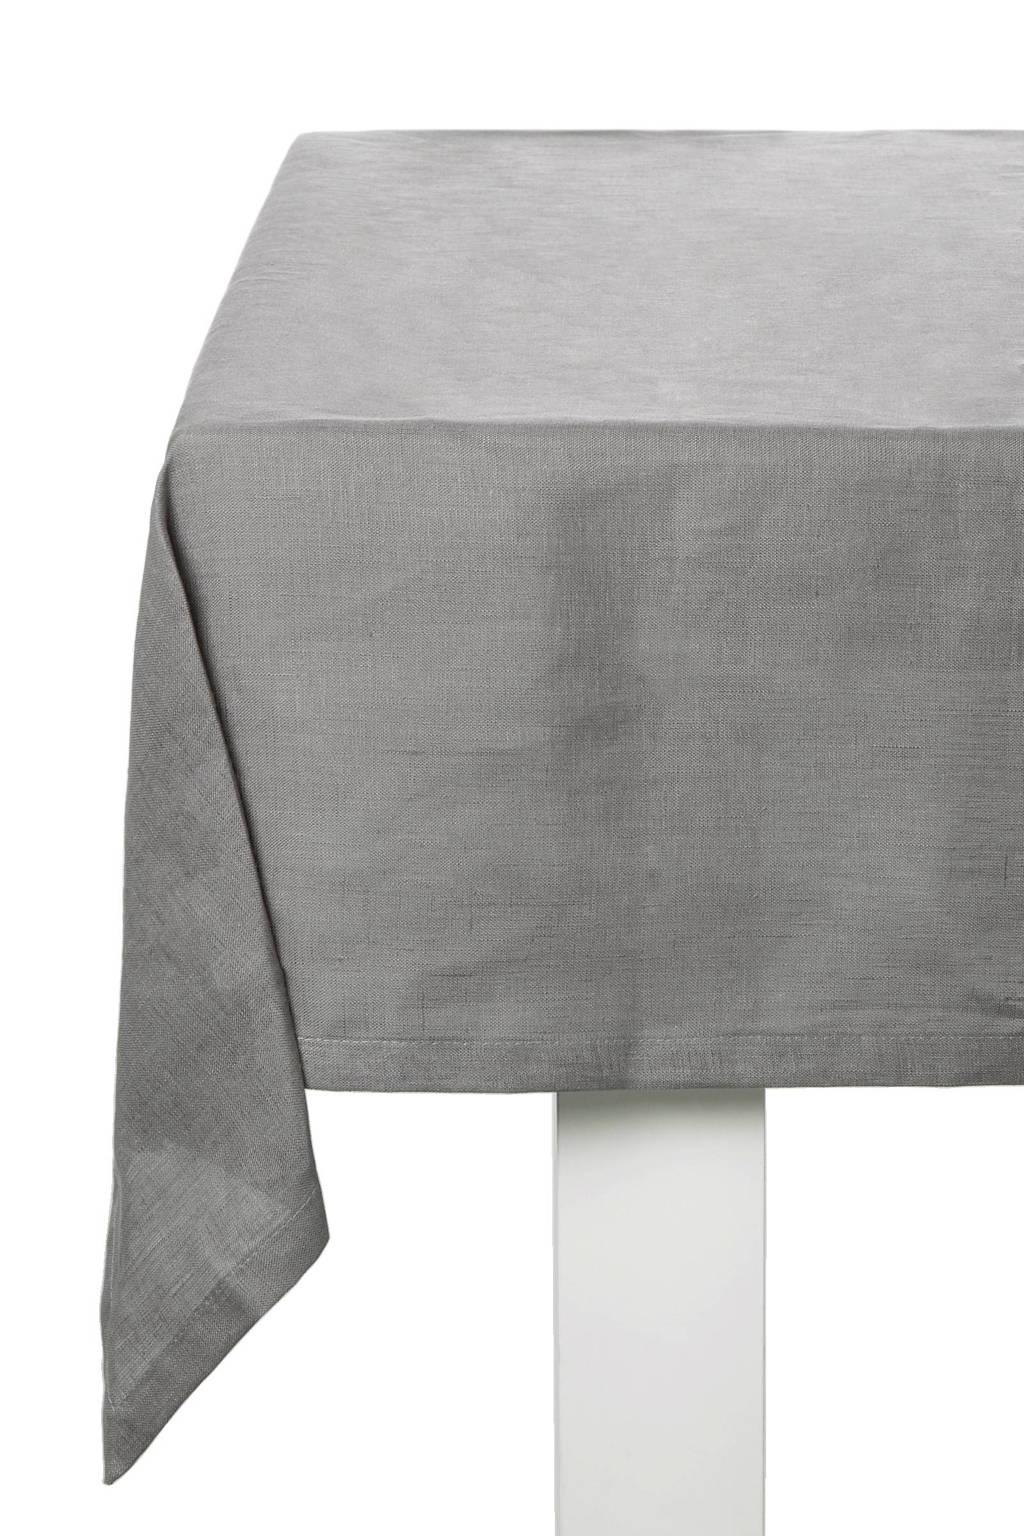 DDDDD tafelkleed (140x250 cm), Grijs